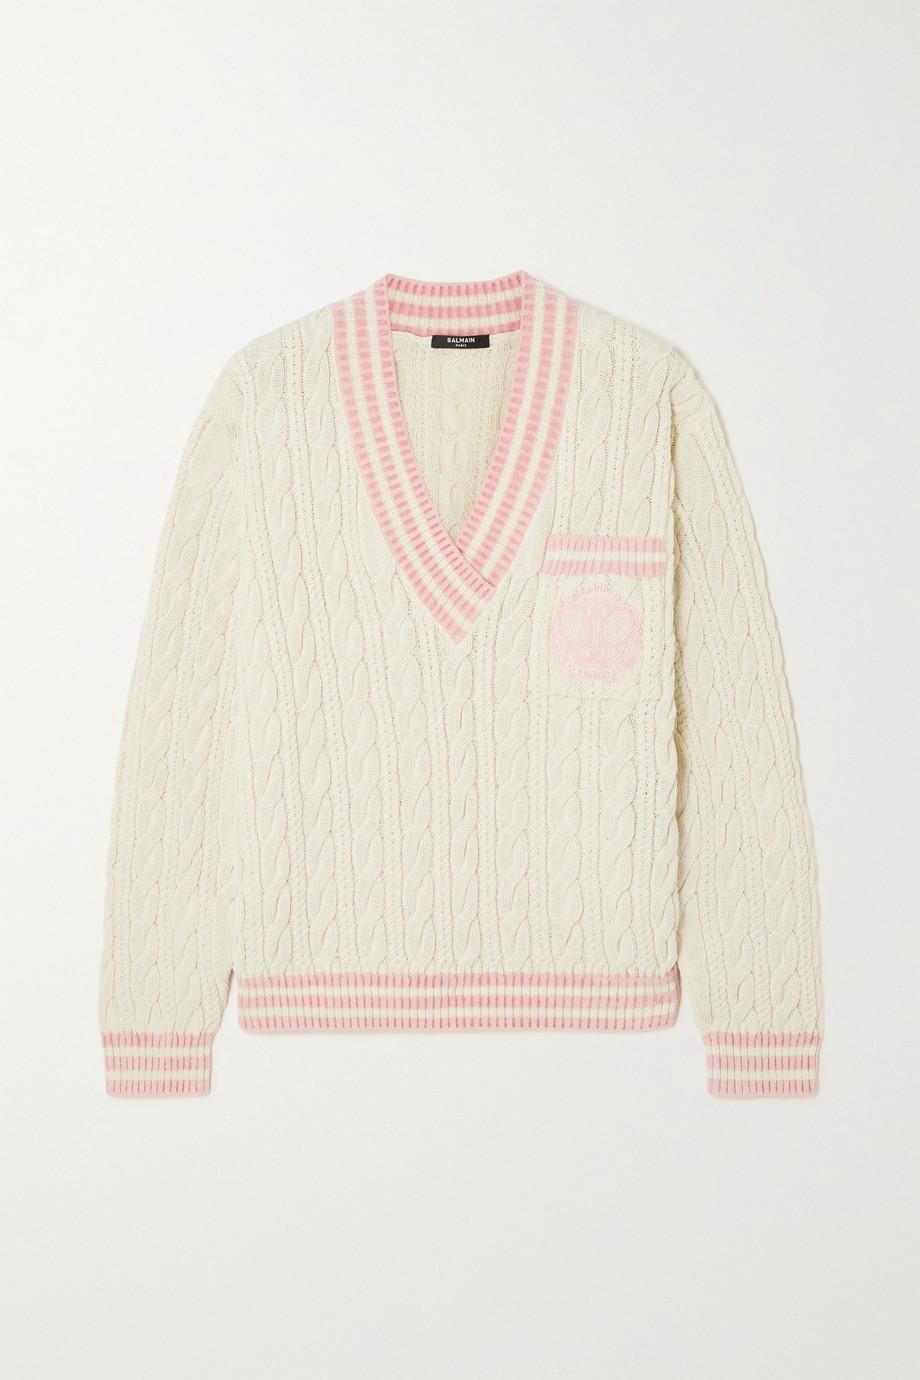 Balmain Pullover aus einer Wollmischung in Zopfstrick mit Stickerei